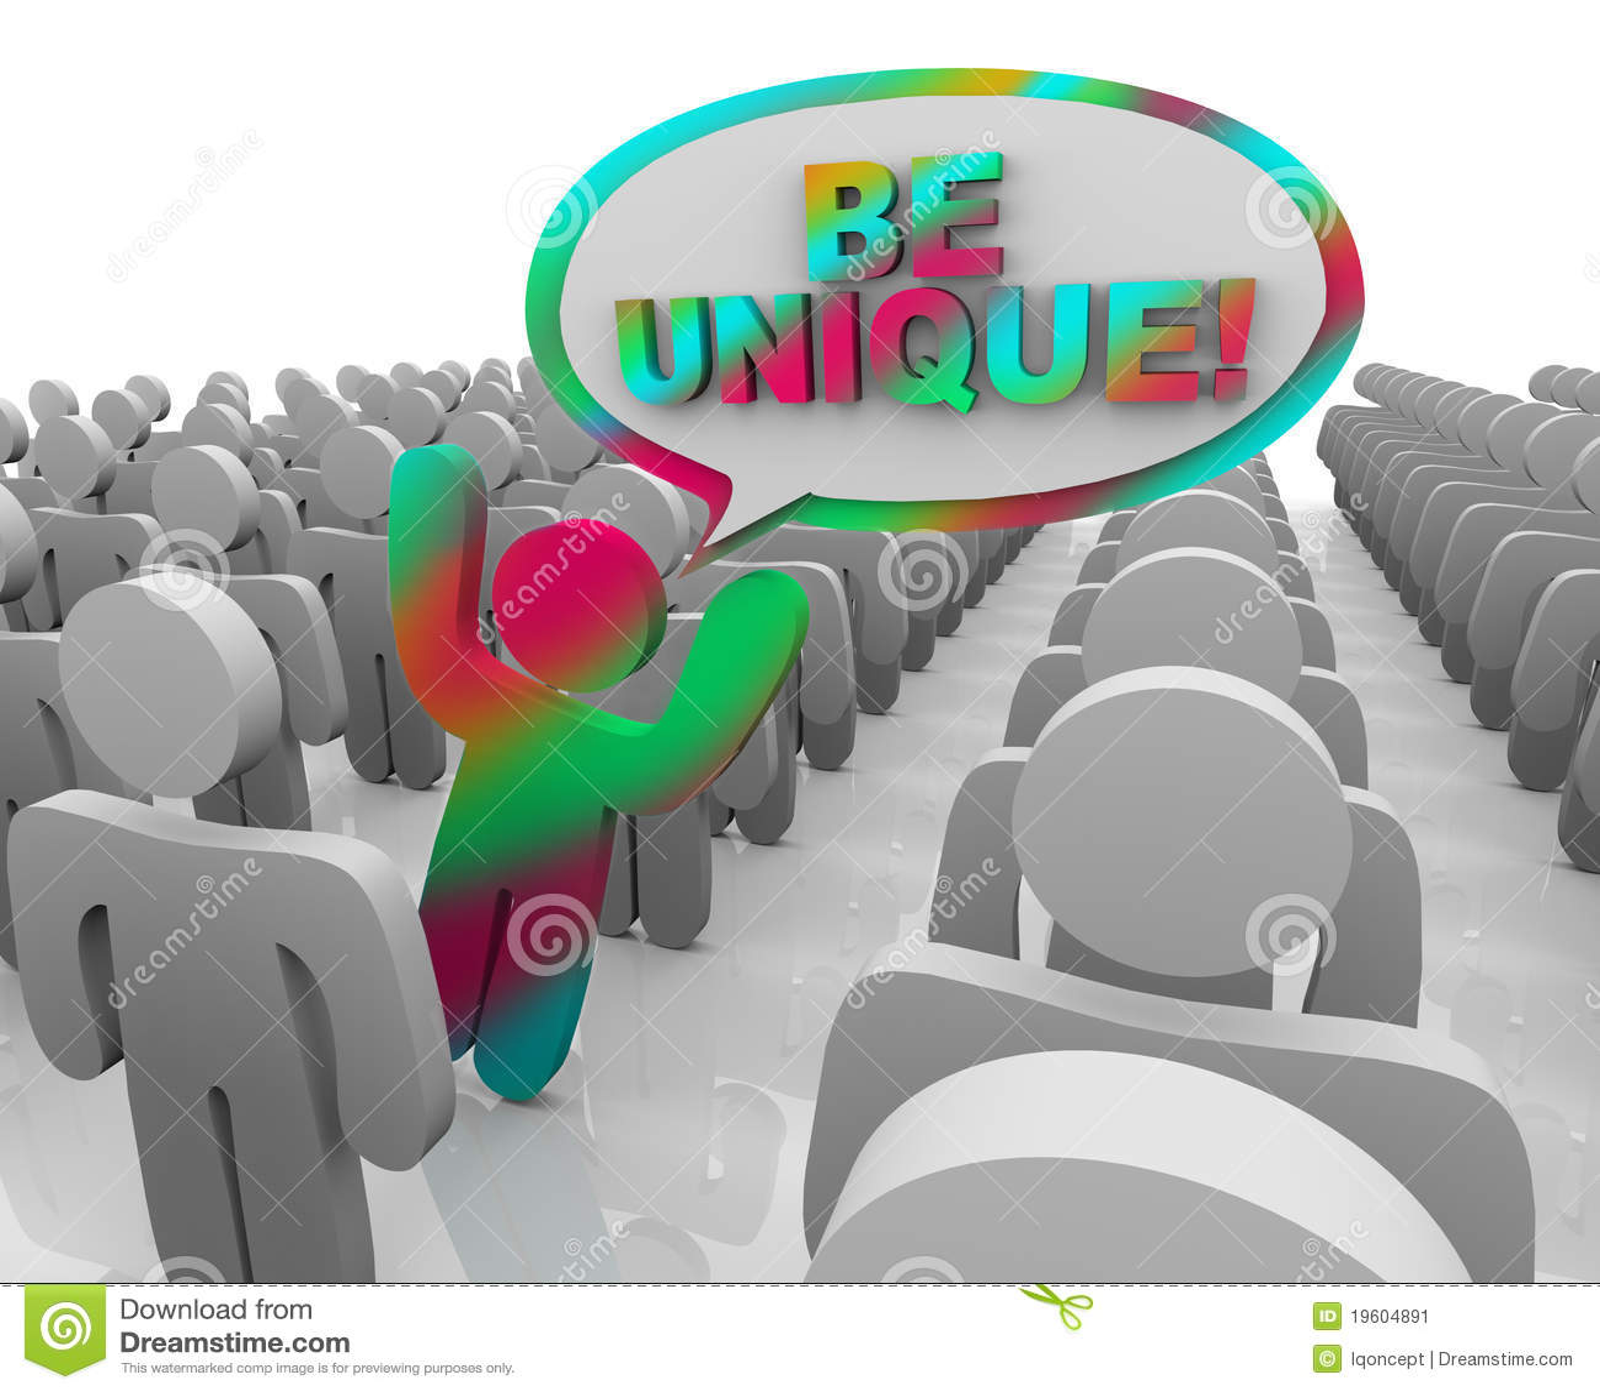 Unique Different Person Unique Person In A Crowd